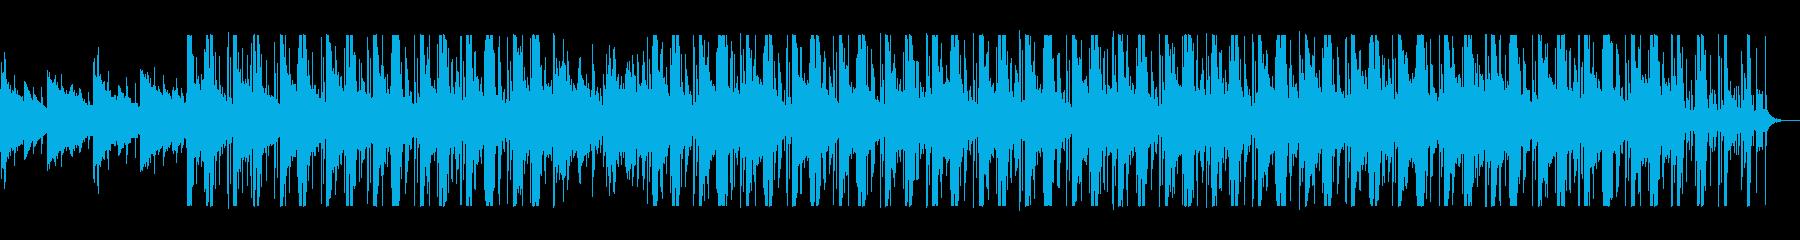 曼荼羅のような~Chill系ダウンビートの再生済みの波形